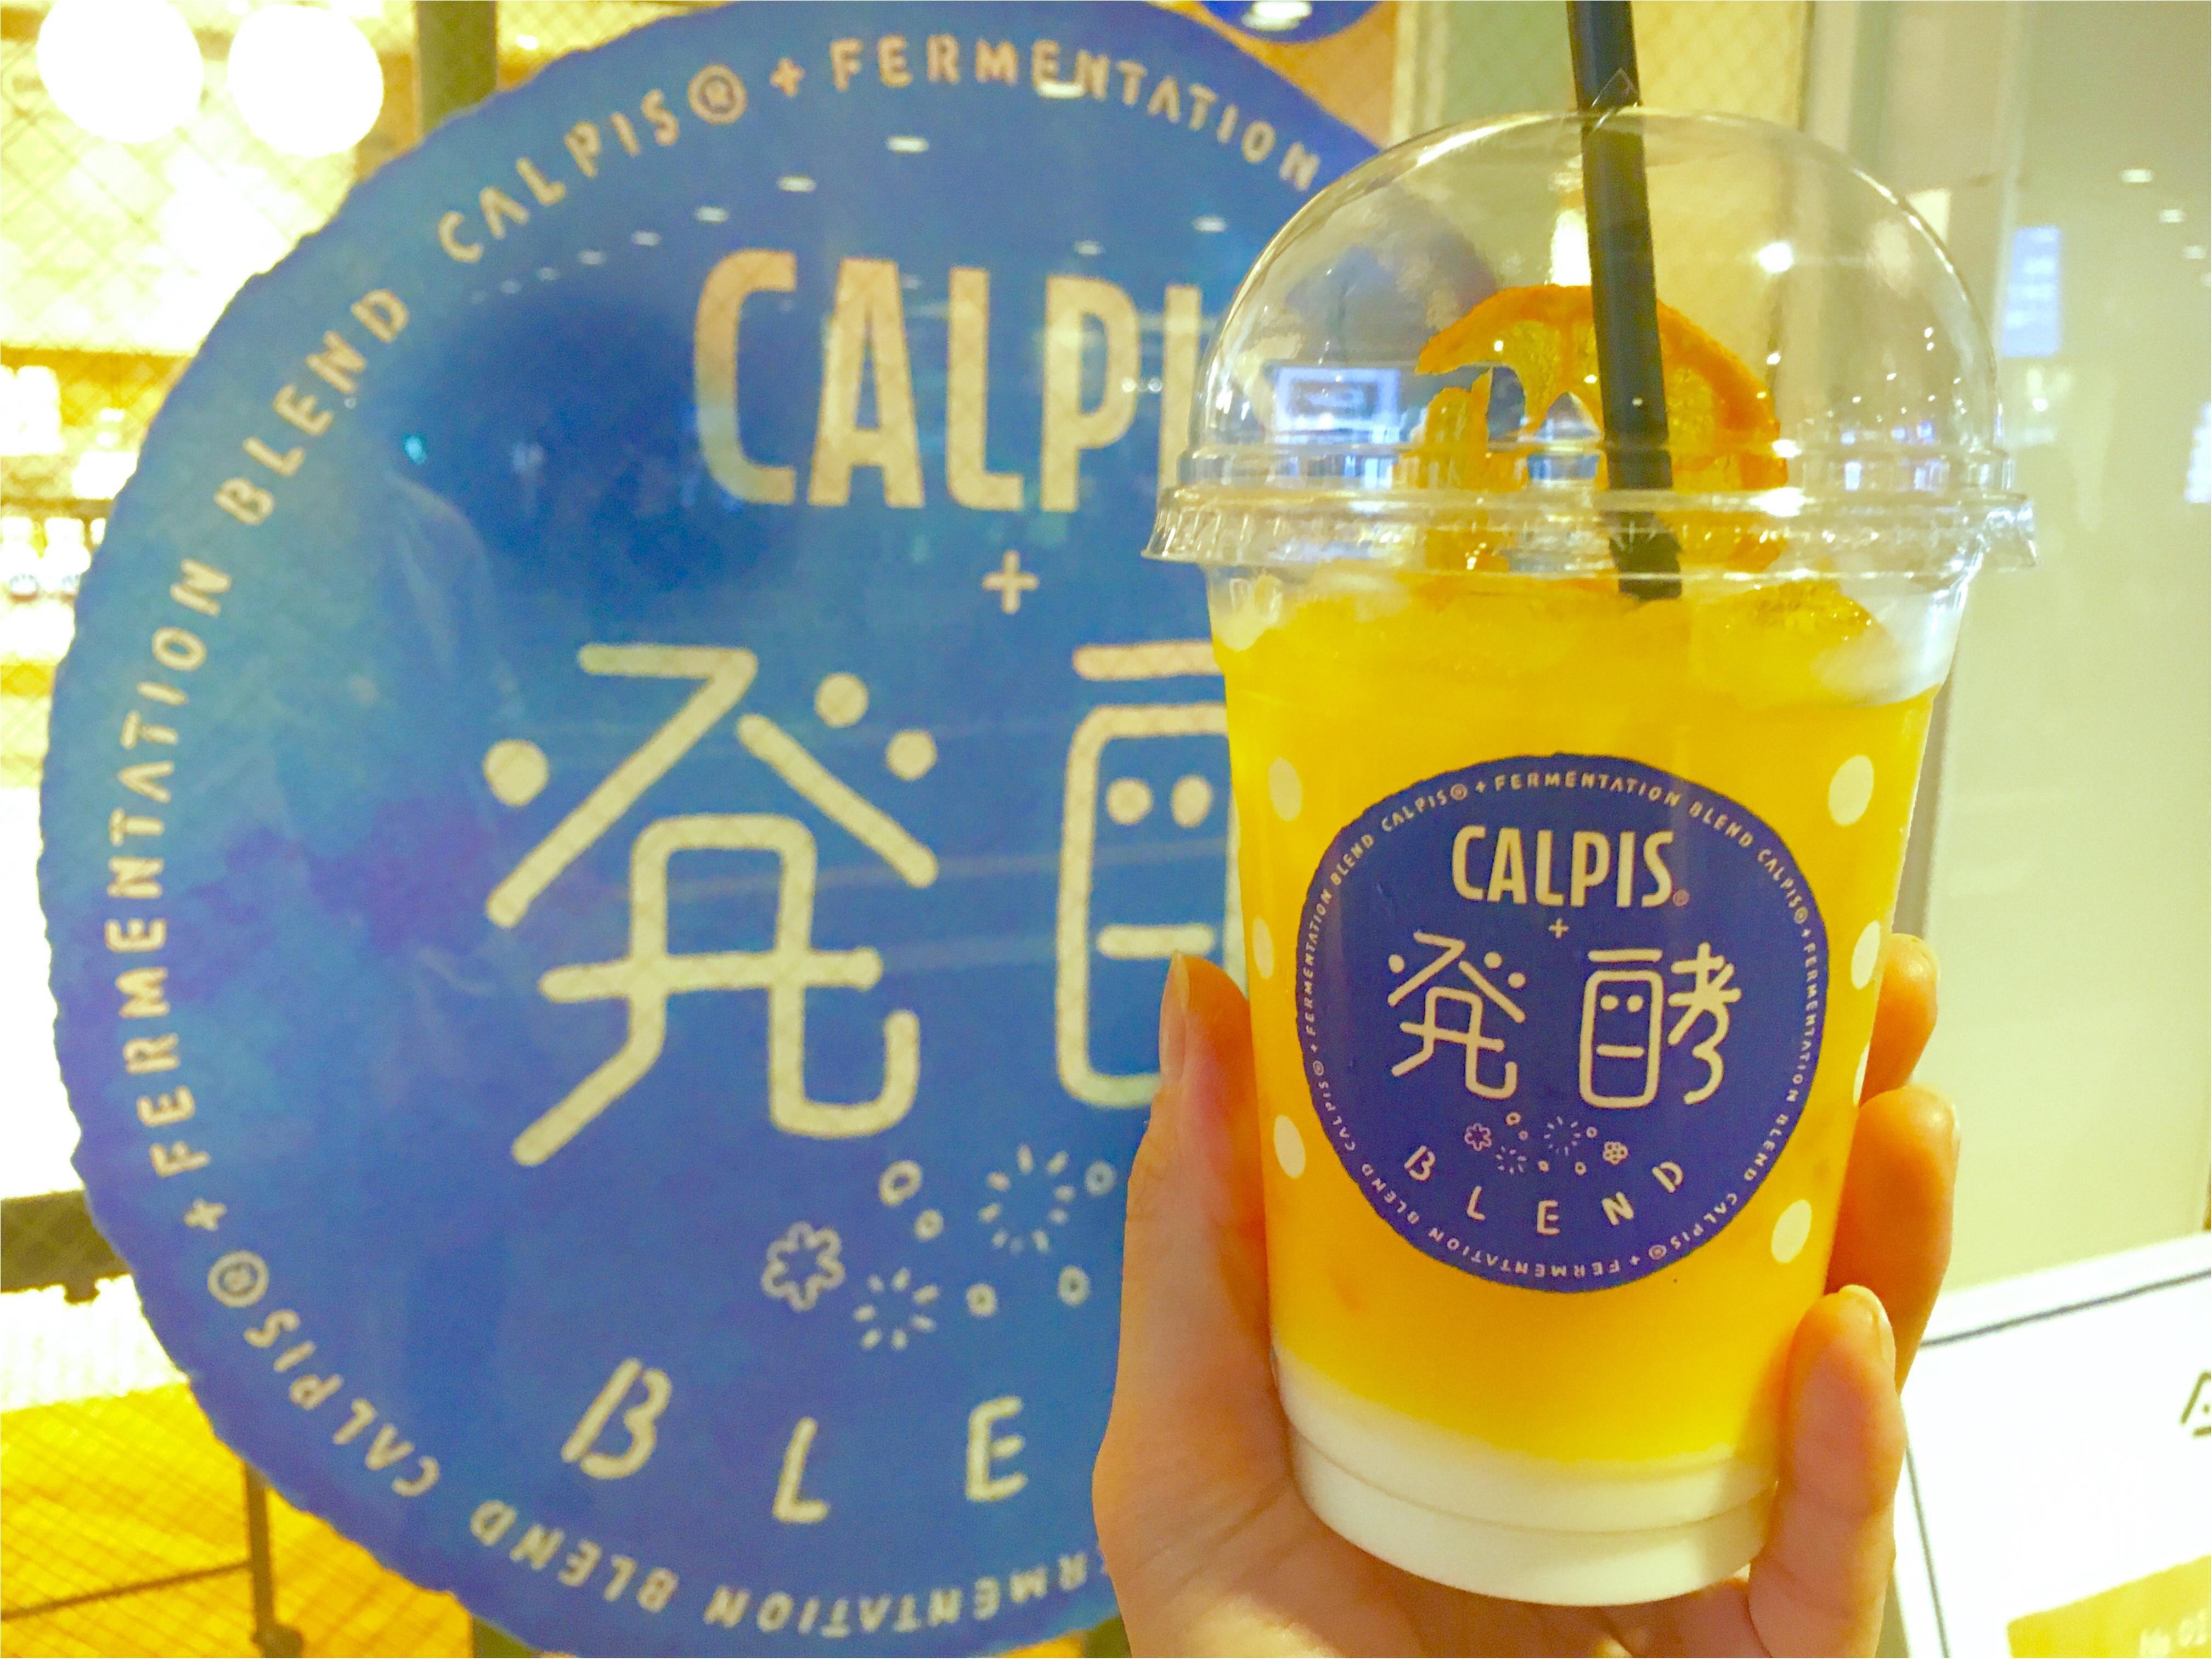 【今しか飲めない ‼︎ @ CAFE】フォトジェニックな《カルピス×発酵》ドリンクが大人気なんです❤️_4